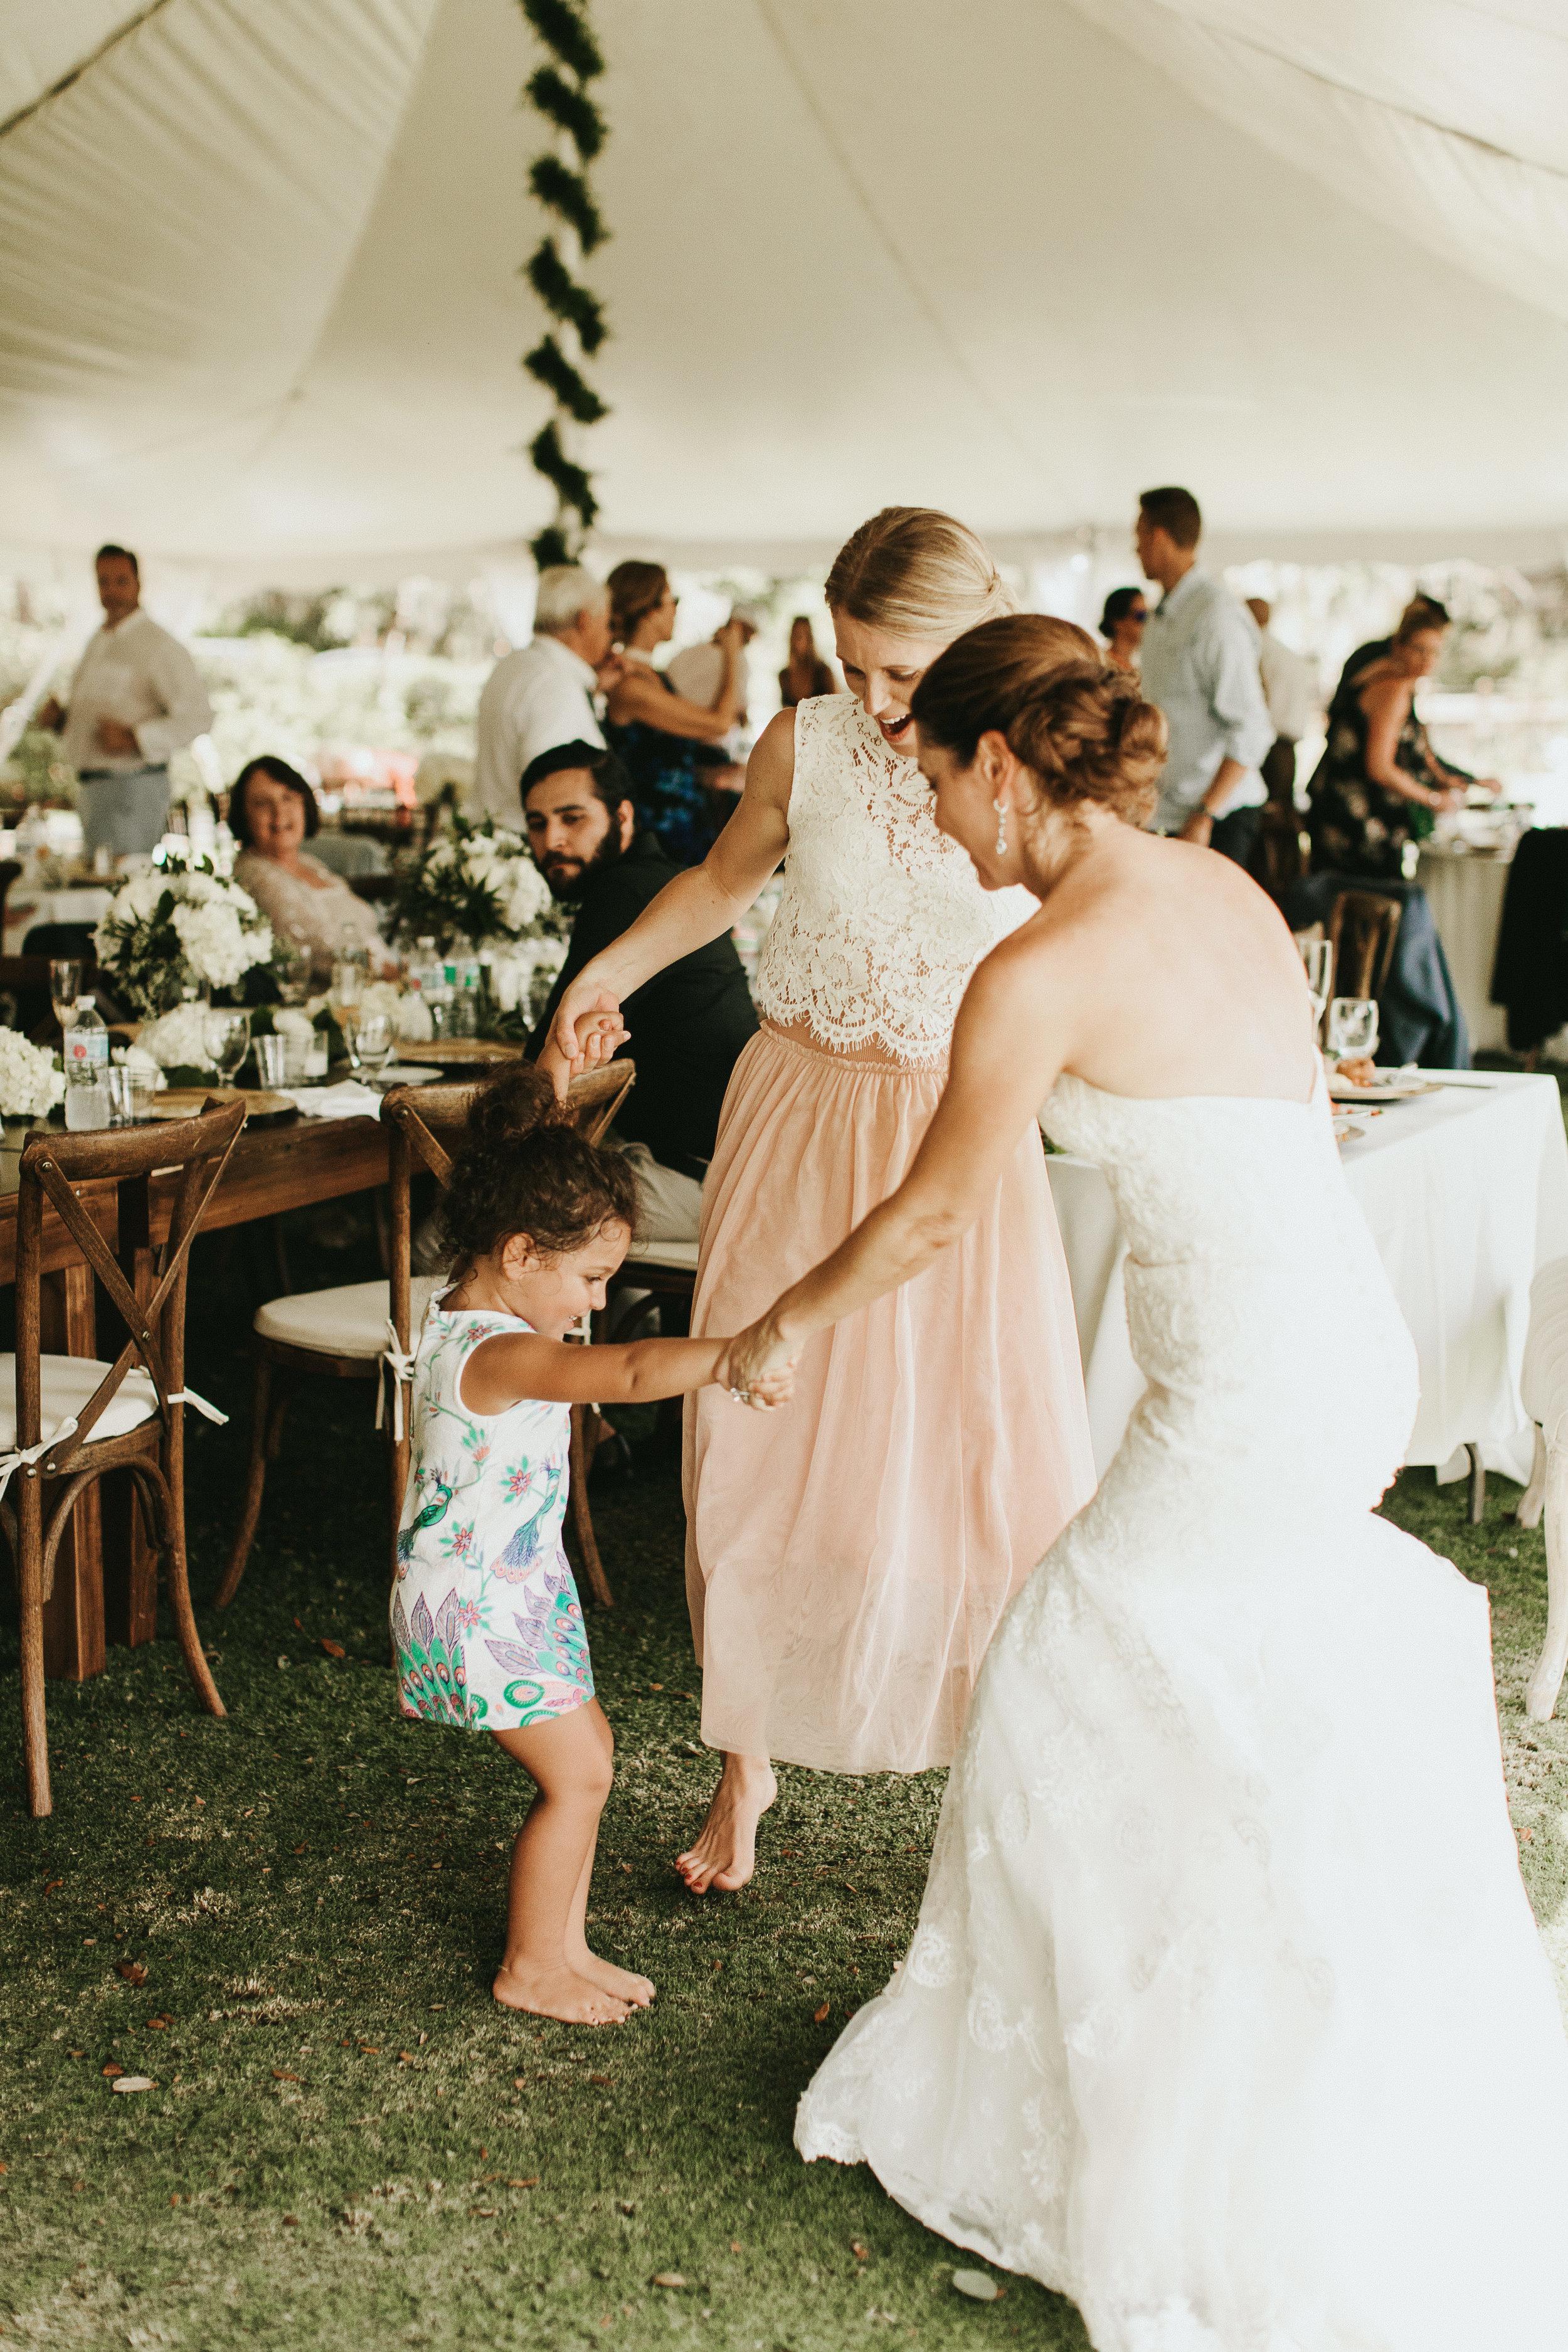 ChandelleandChris_Wedding_100717_Finals_BSP-660.jpg